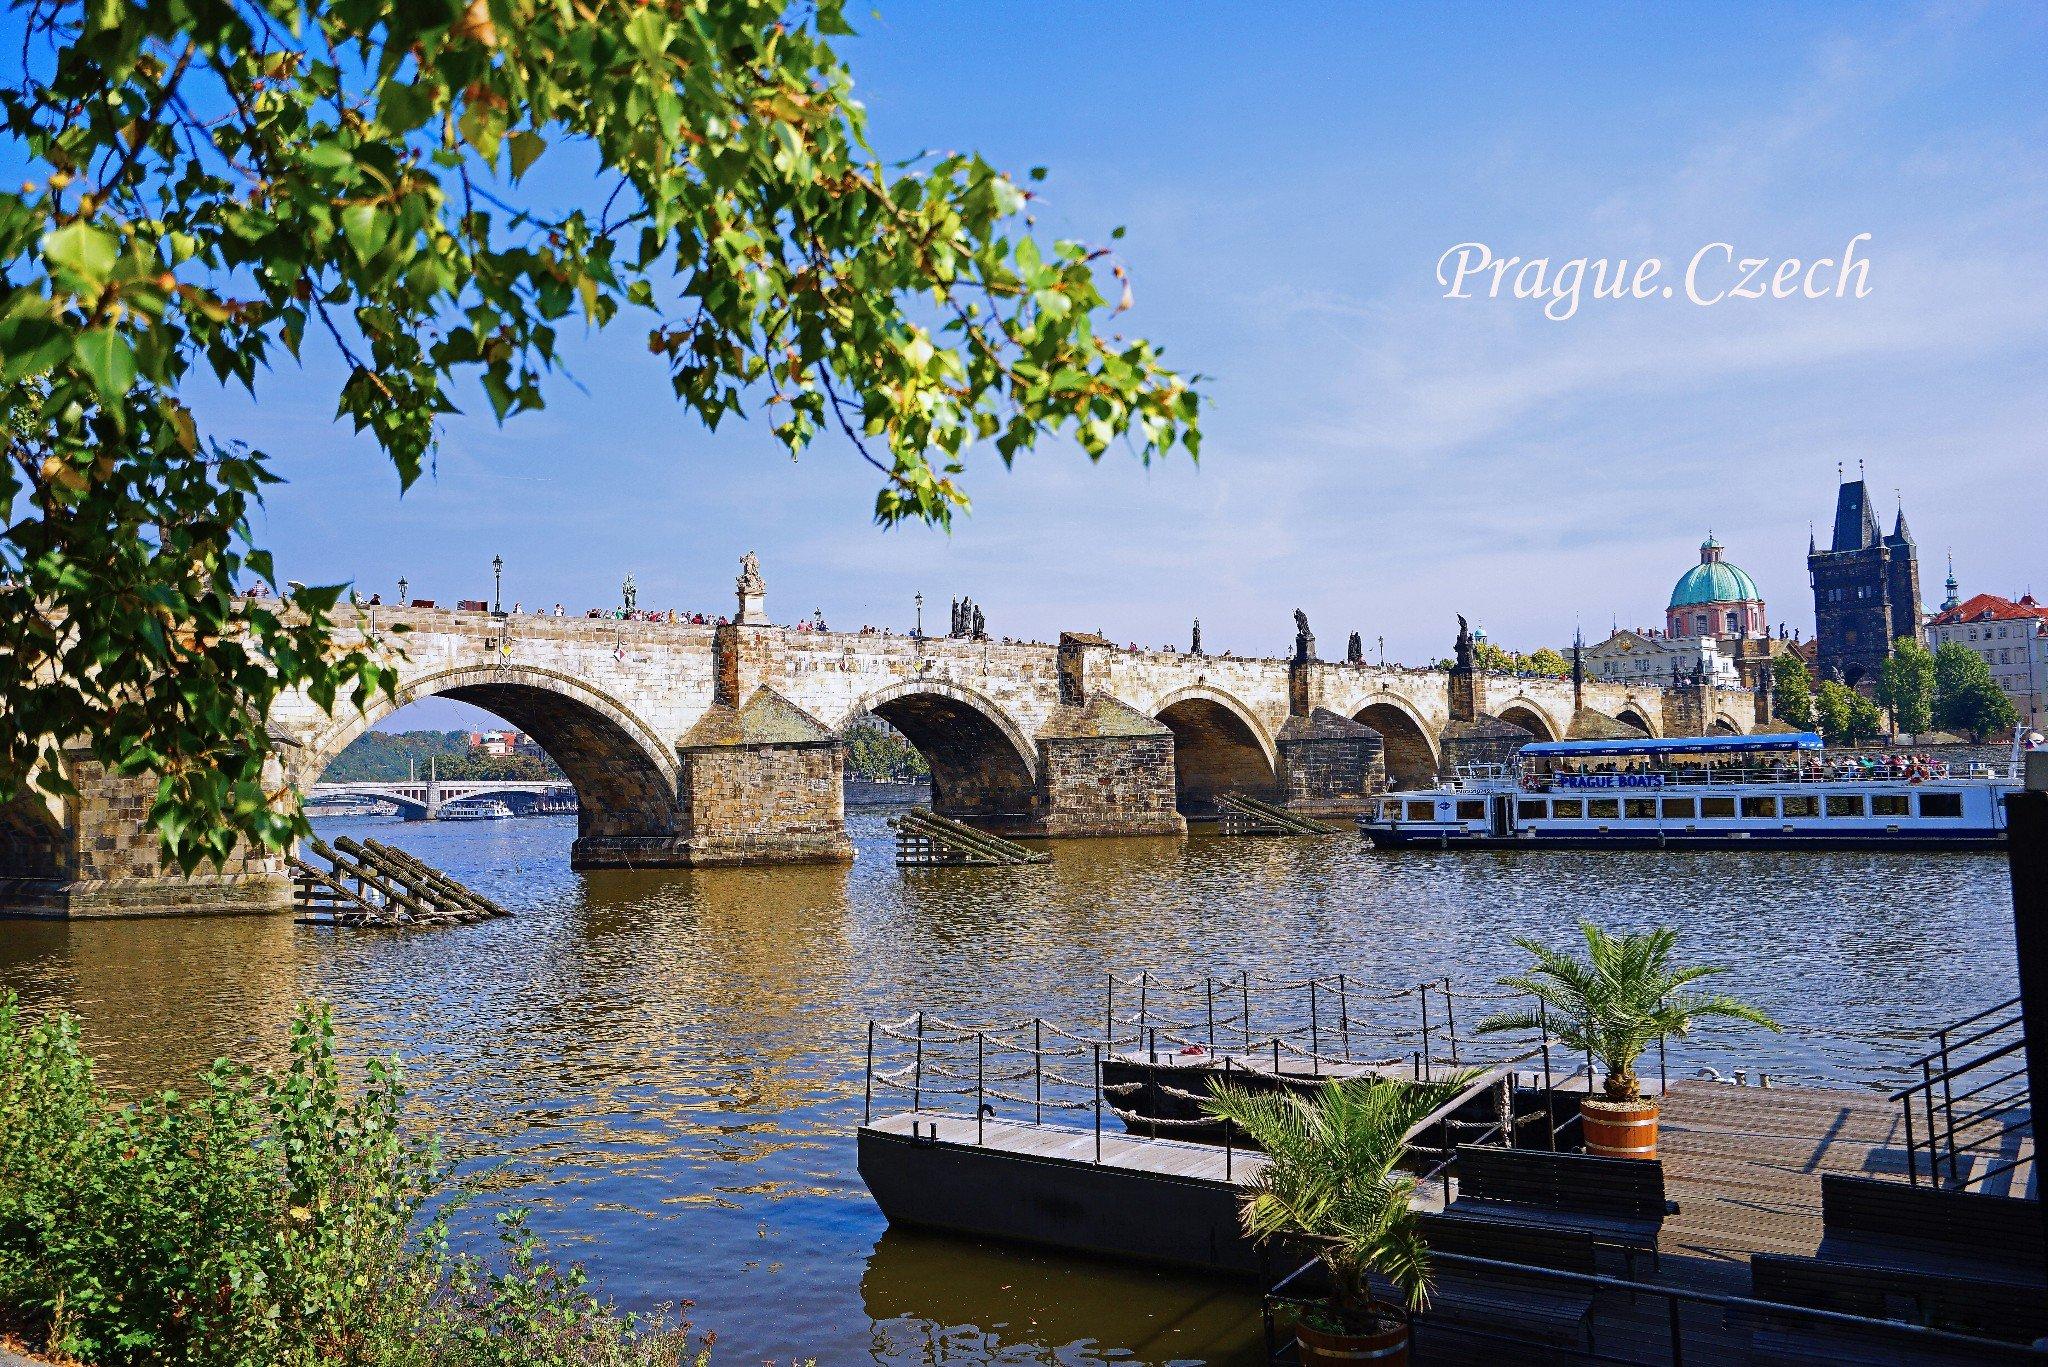 布拉格没有爱情,多瑙河不是蓝色——捷克、匈牙利14日游(详细攻略+游记)